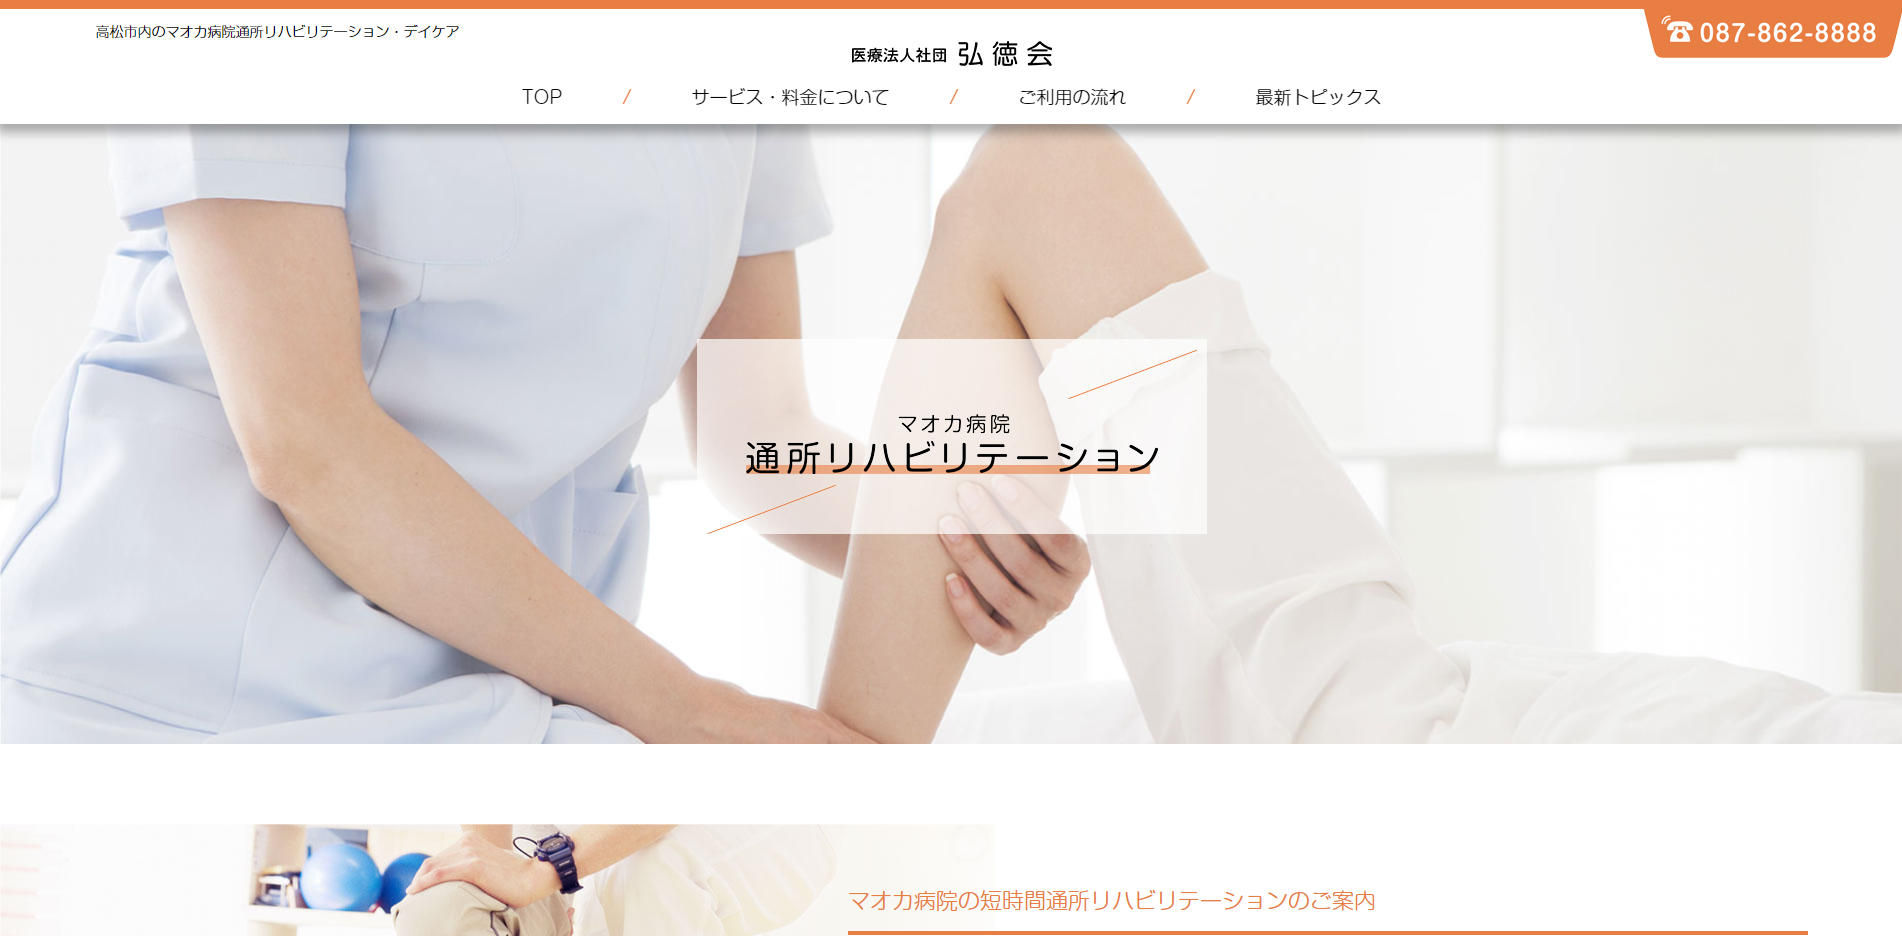 弘徳会 通所リハビリテーションパソコン版